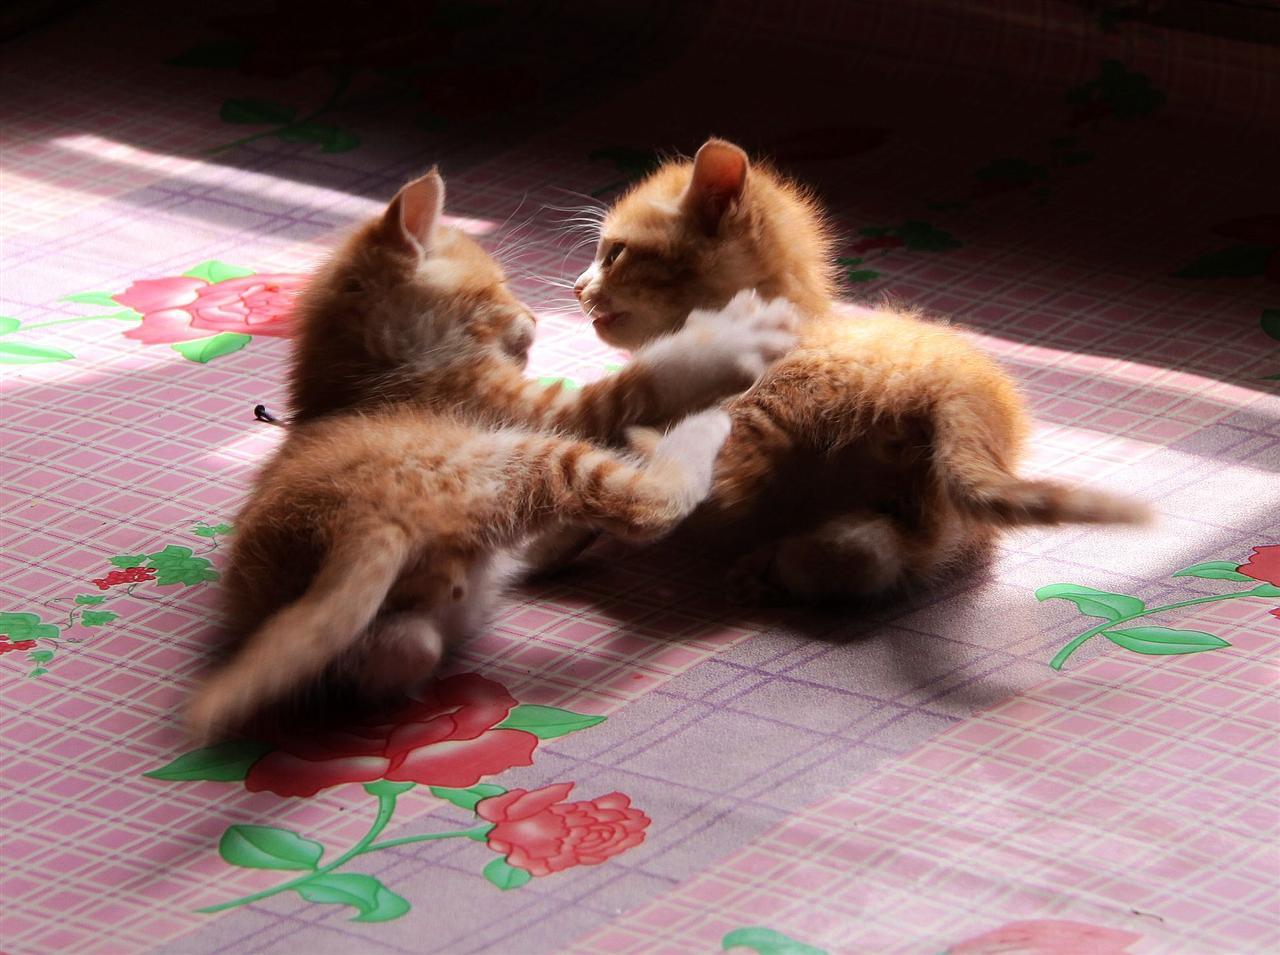 可爱的猫咪配文字图片